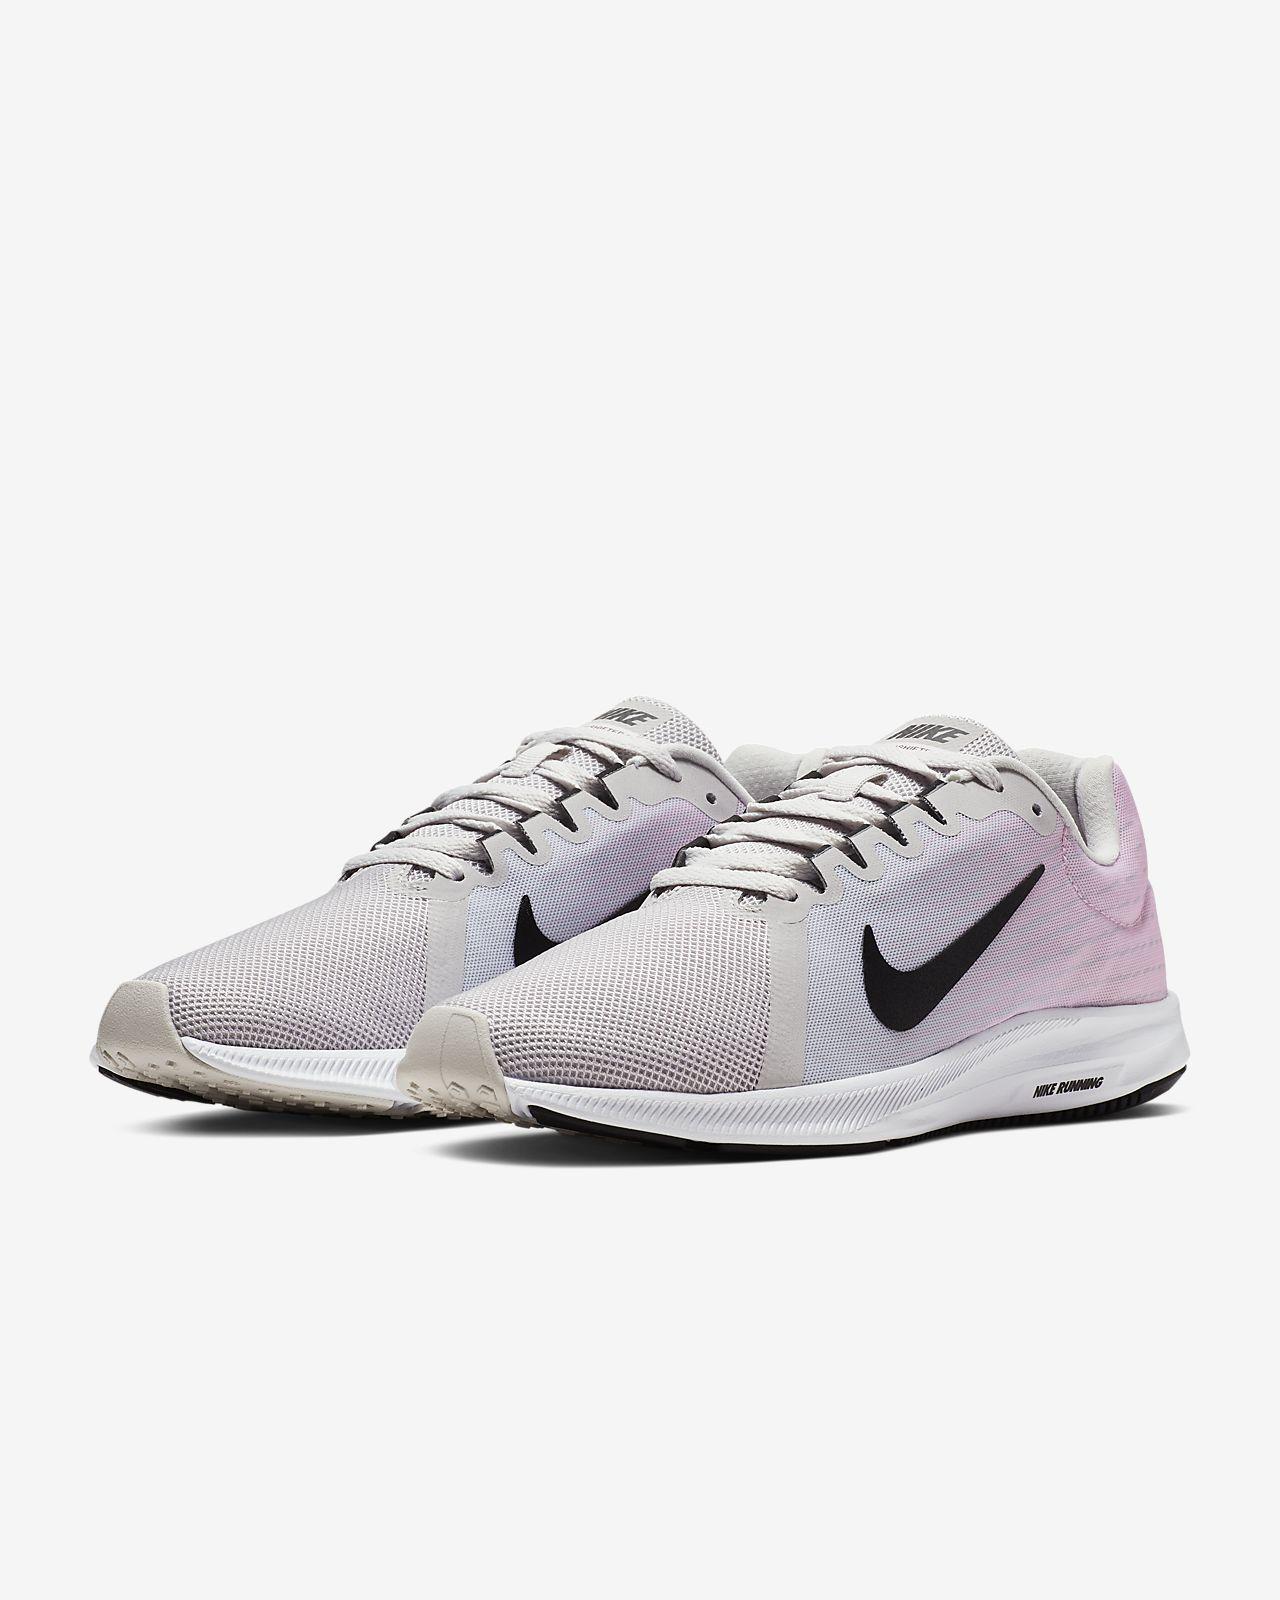 Chaussure de running Nike Downshifter 8 pour Femme